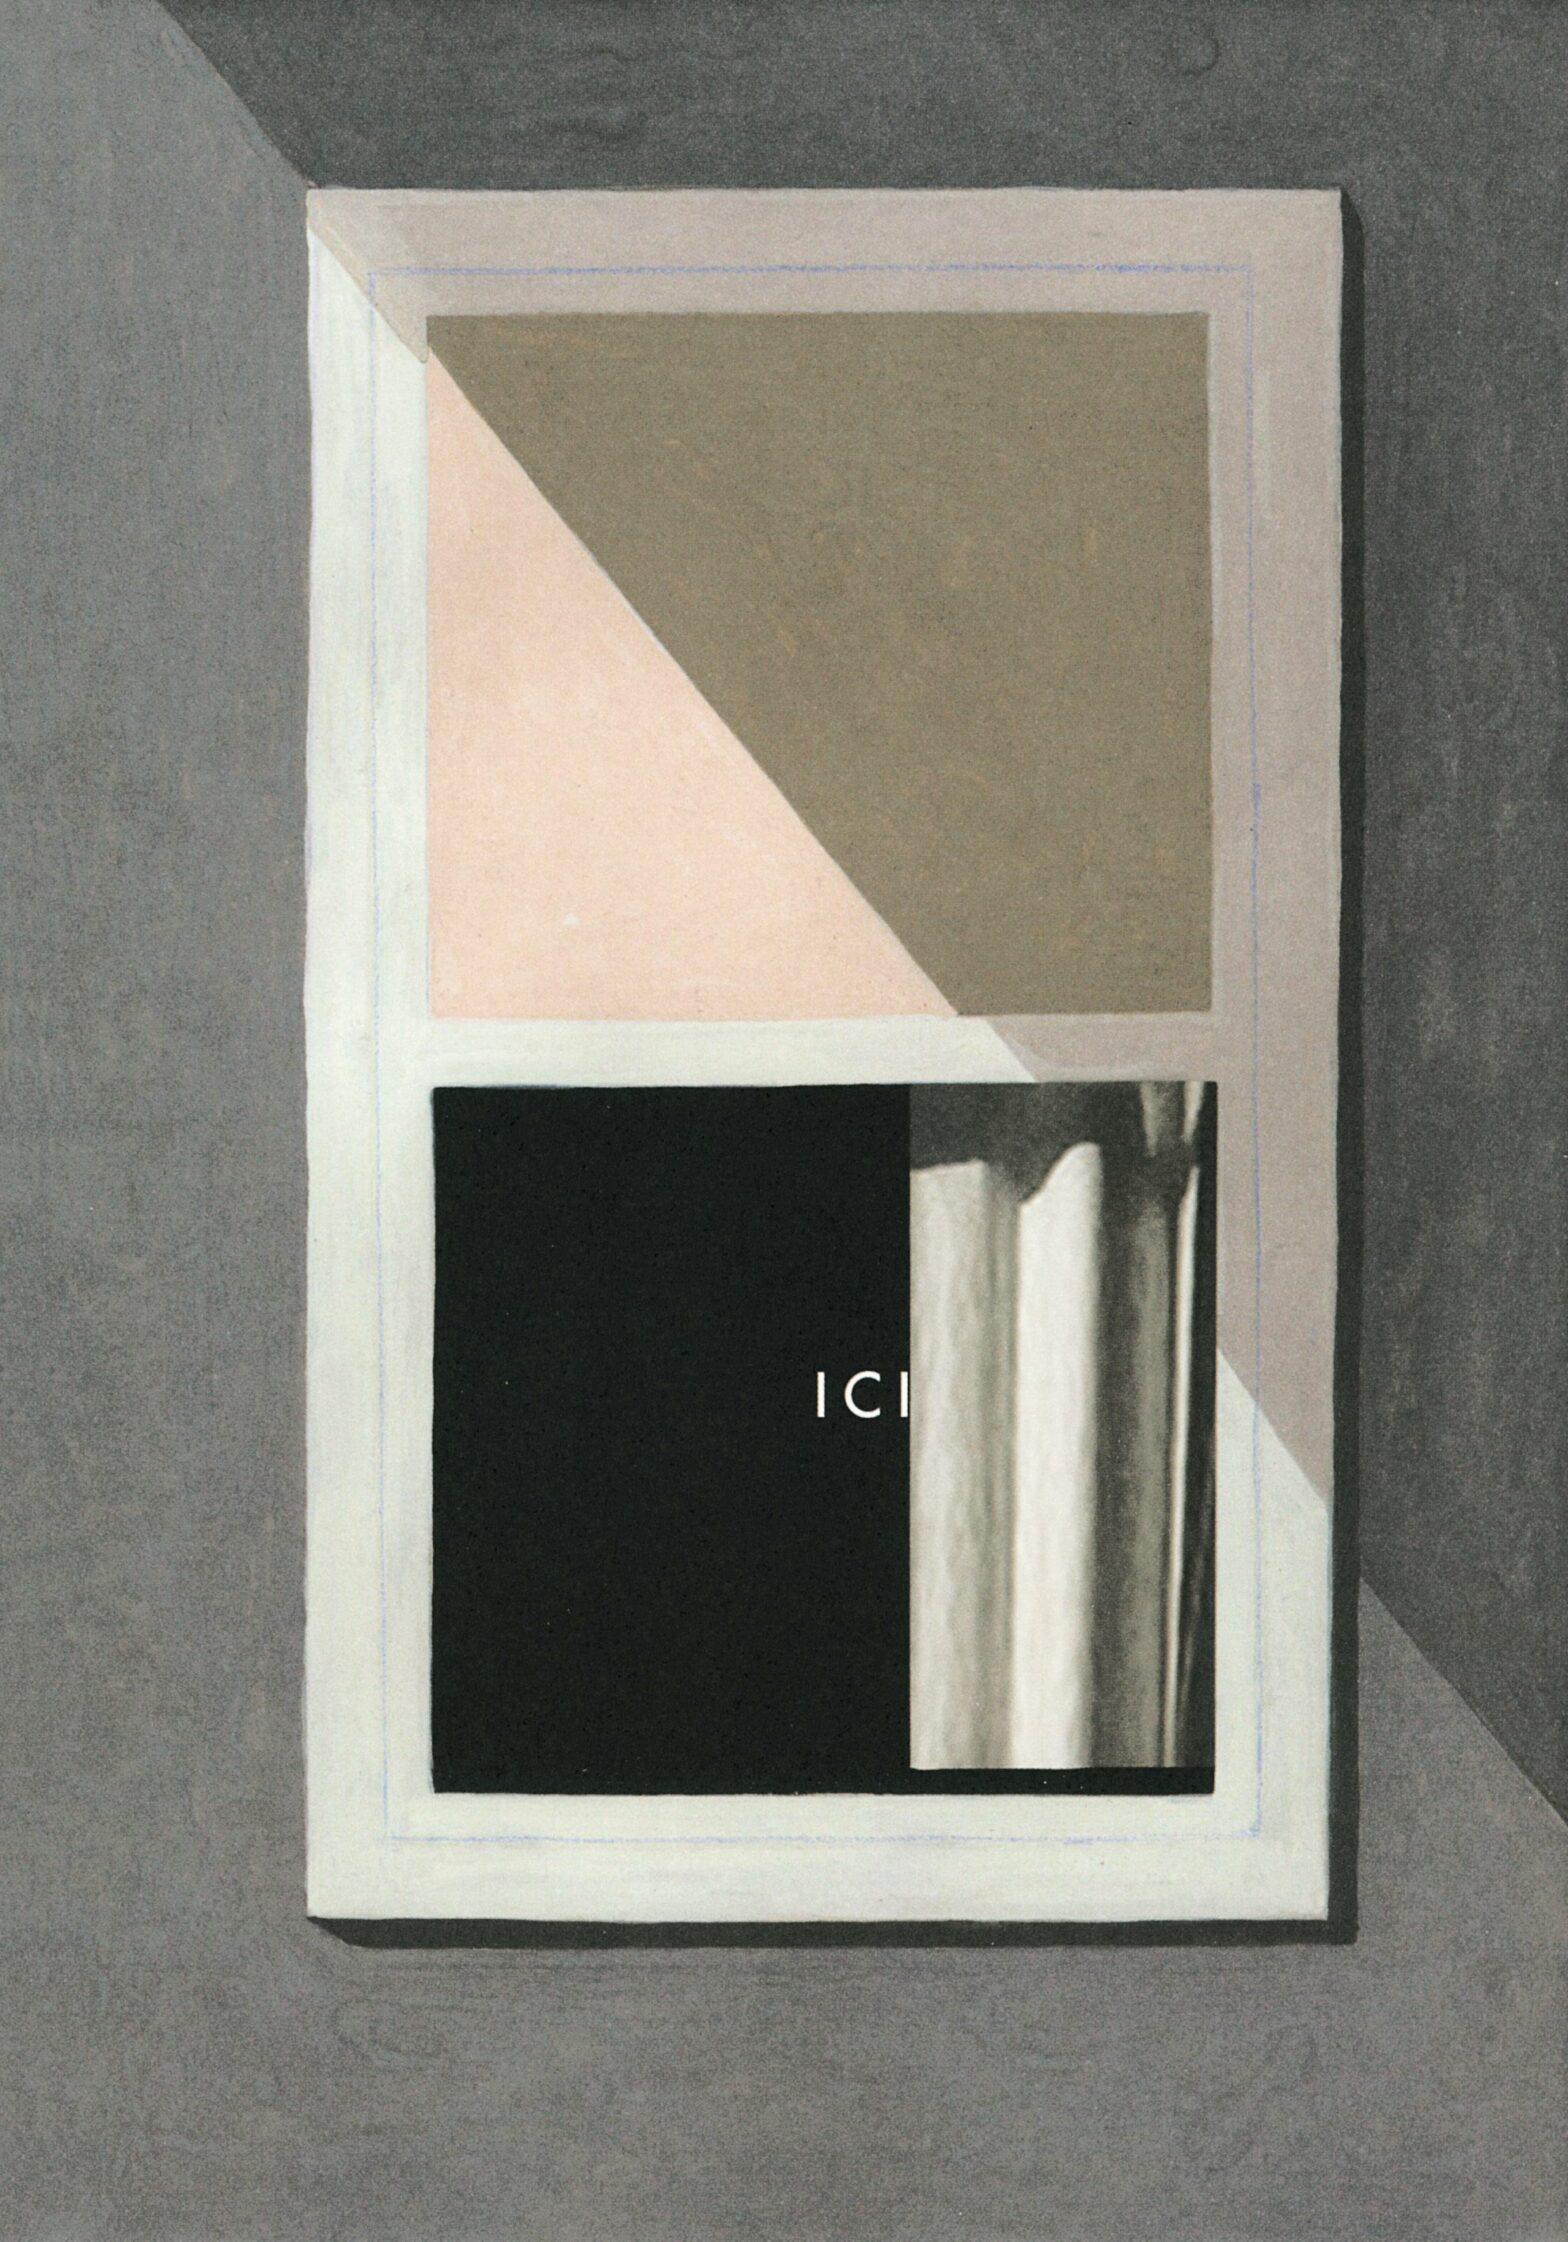 Coup de cœur pour ICI de Richard McGuire par Anouk Gouzerh